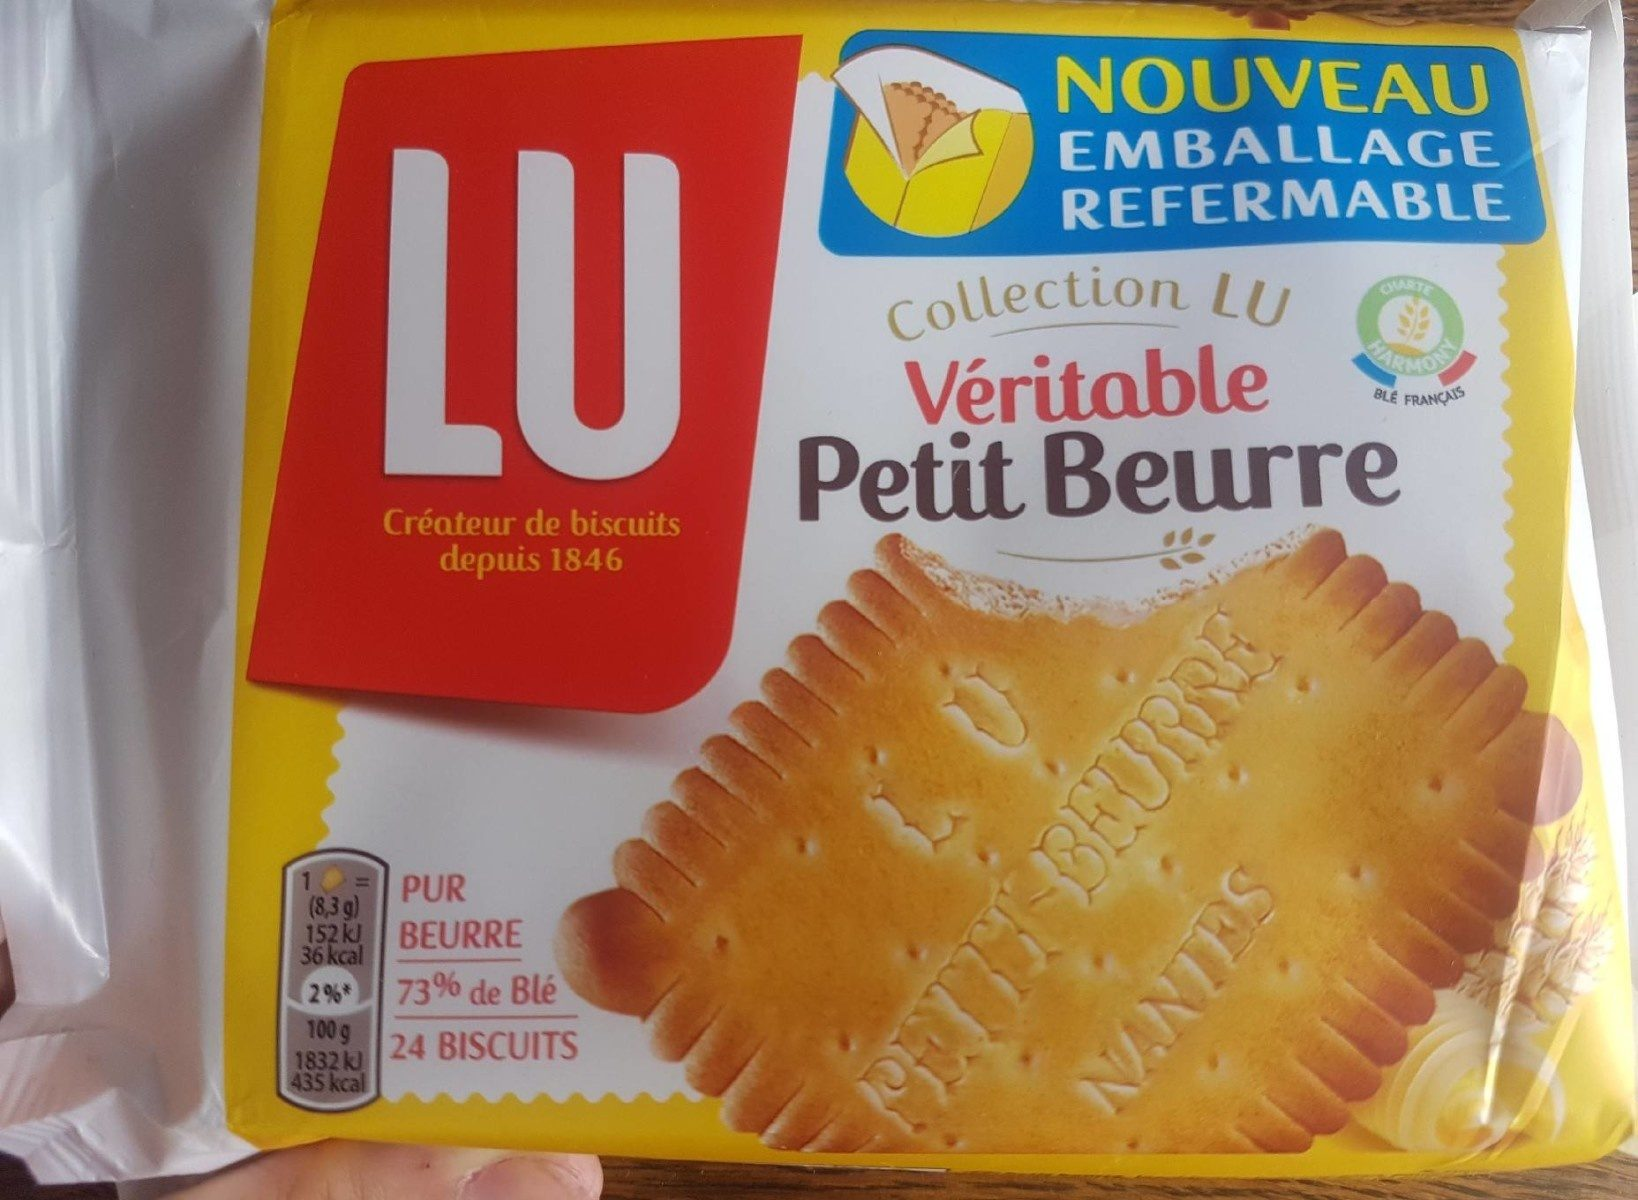 Véritable petit beurre - Produit